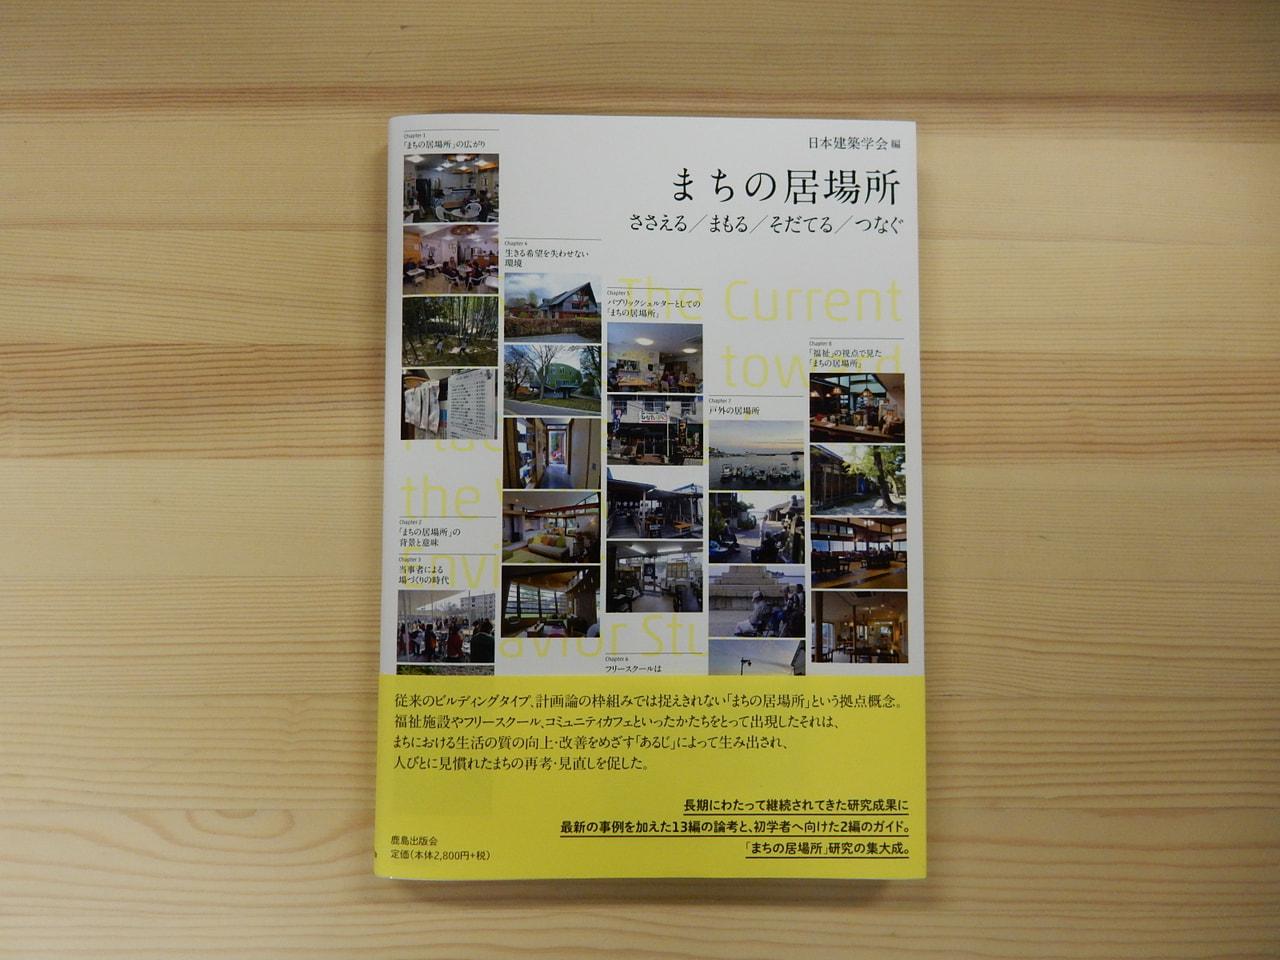 小林先生が共著で書かれた『まちの居場所』が出版されました